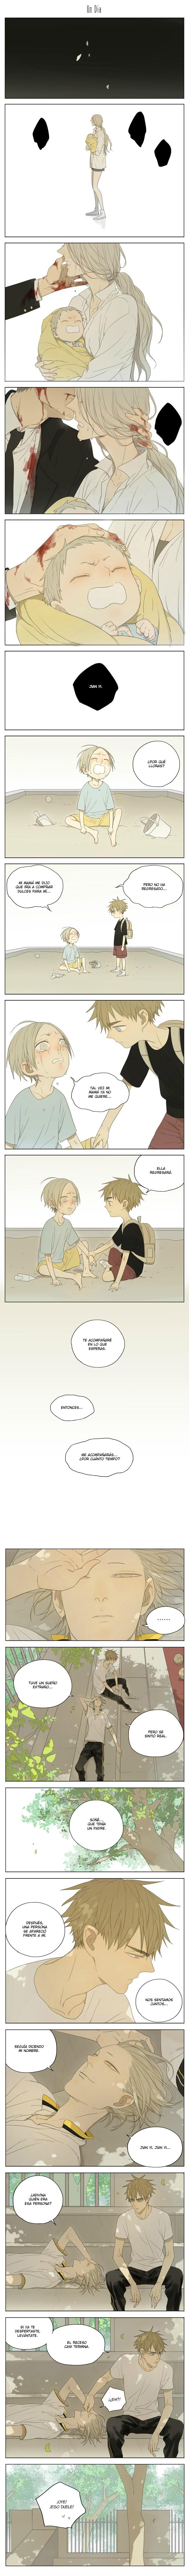 http://c5.ninemanga.com/es_manga/7/15943/392074/83c5e87562b294b468ac06ea06919851.jpg Page 5